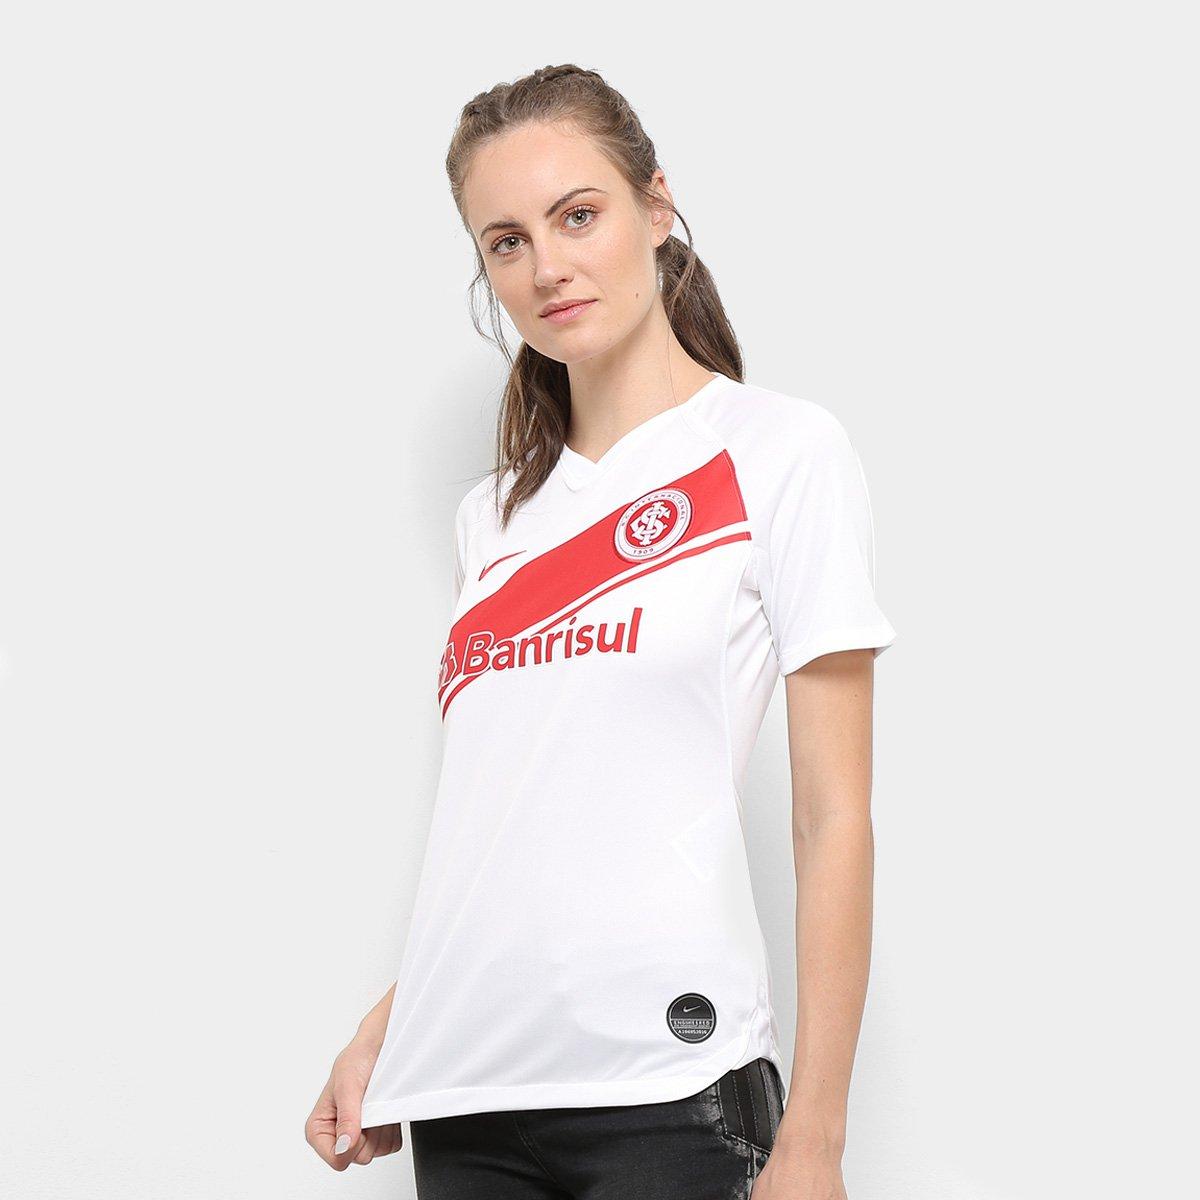 a6c1d4f60 Camisa Internacional II 19/20 s/nº Torcedor Nike Feminina - Branco e  Vermelho | Loja do Inter